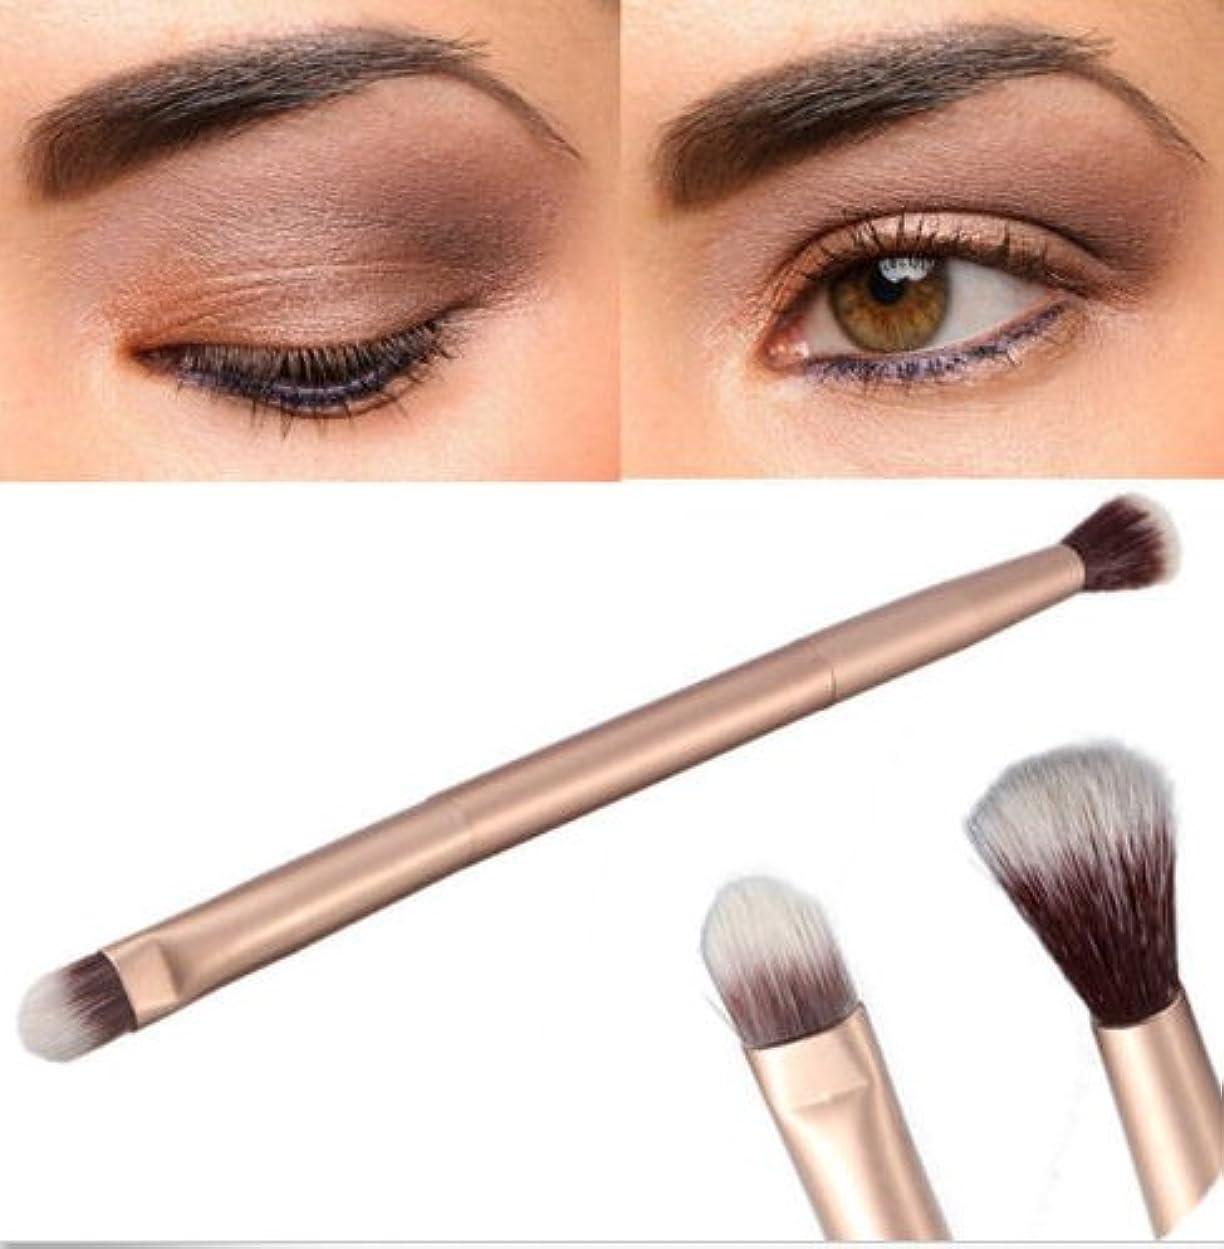 キネマティクス七時半奨励します2 in 1 One Makeup Eye Powder Foundation Eyeshadow Blending Double-Ended Brush Pen 2in1ワンメイクアップアイパウダーファンデーションアイシャドウブレンディングダブルエンドブラシペン